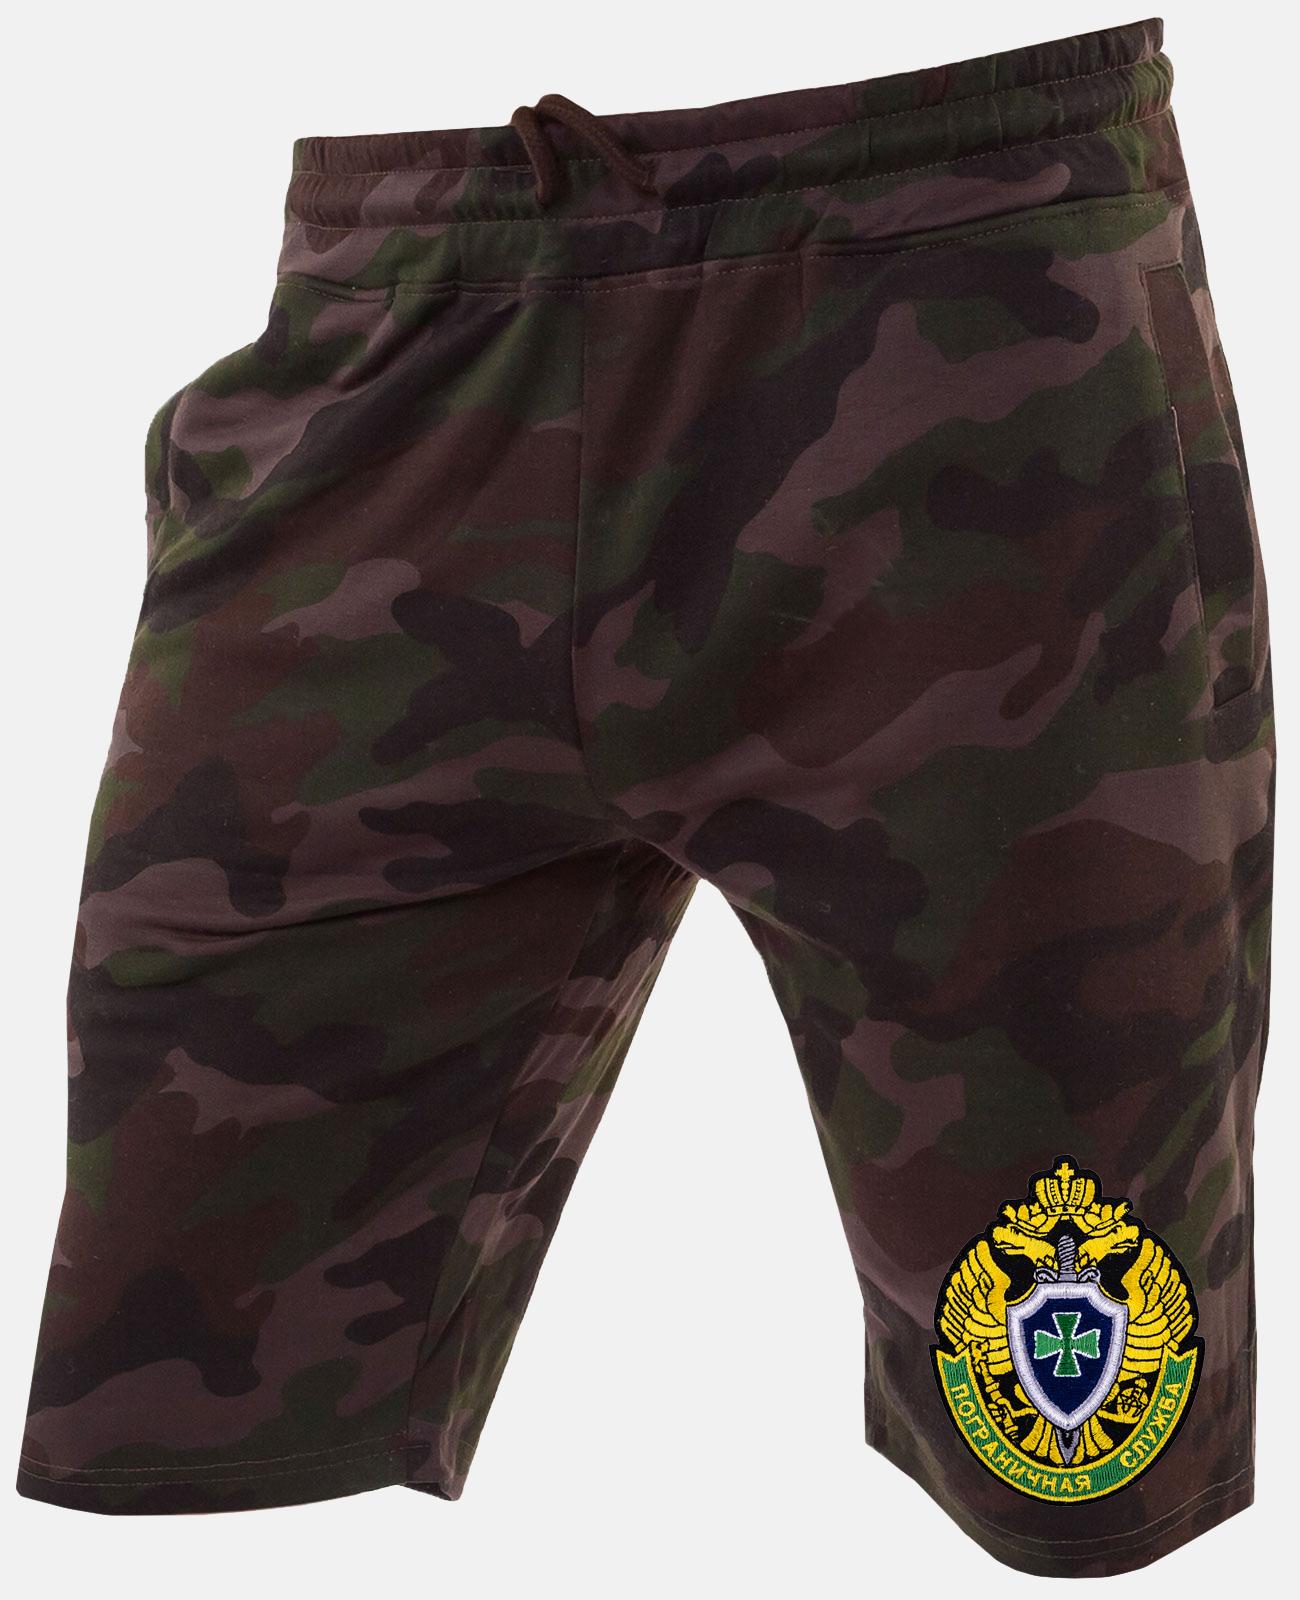 Мужские милитари шорты с эмблемой ПС